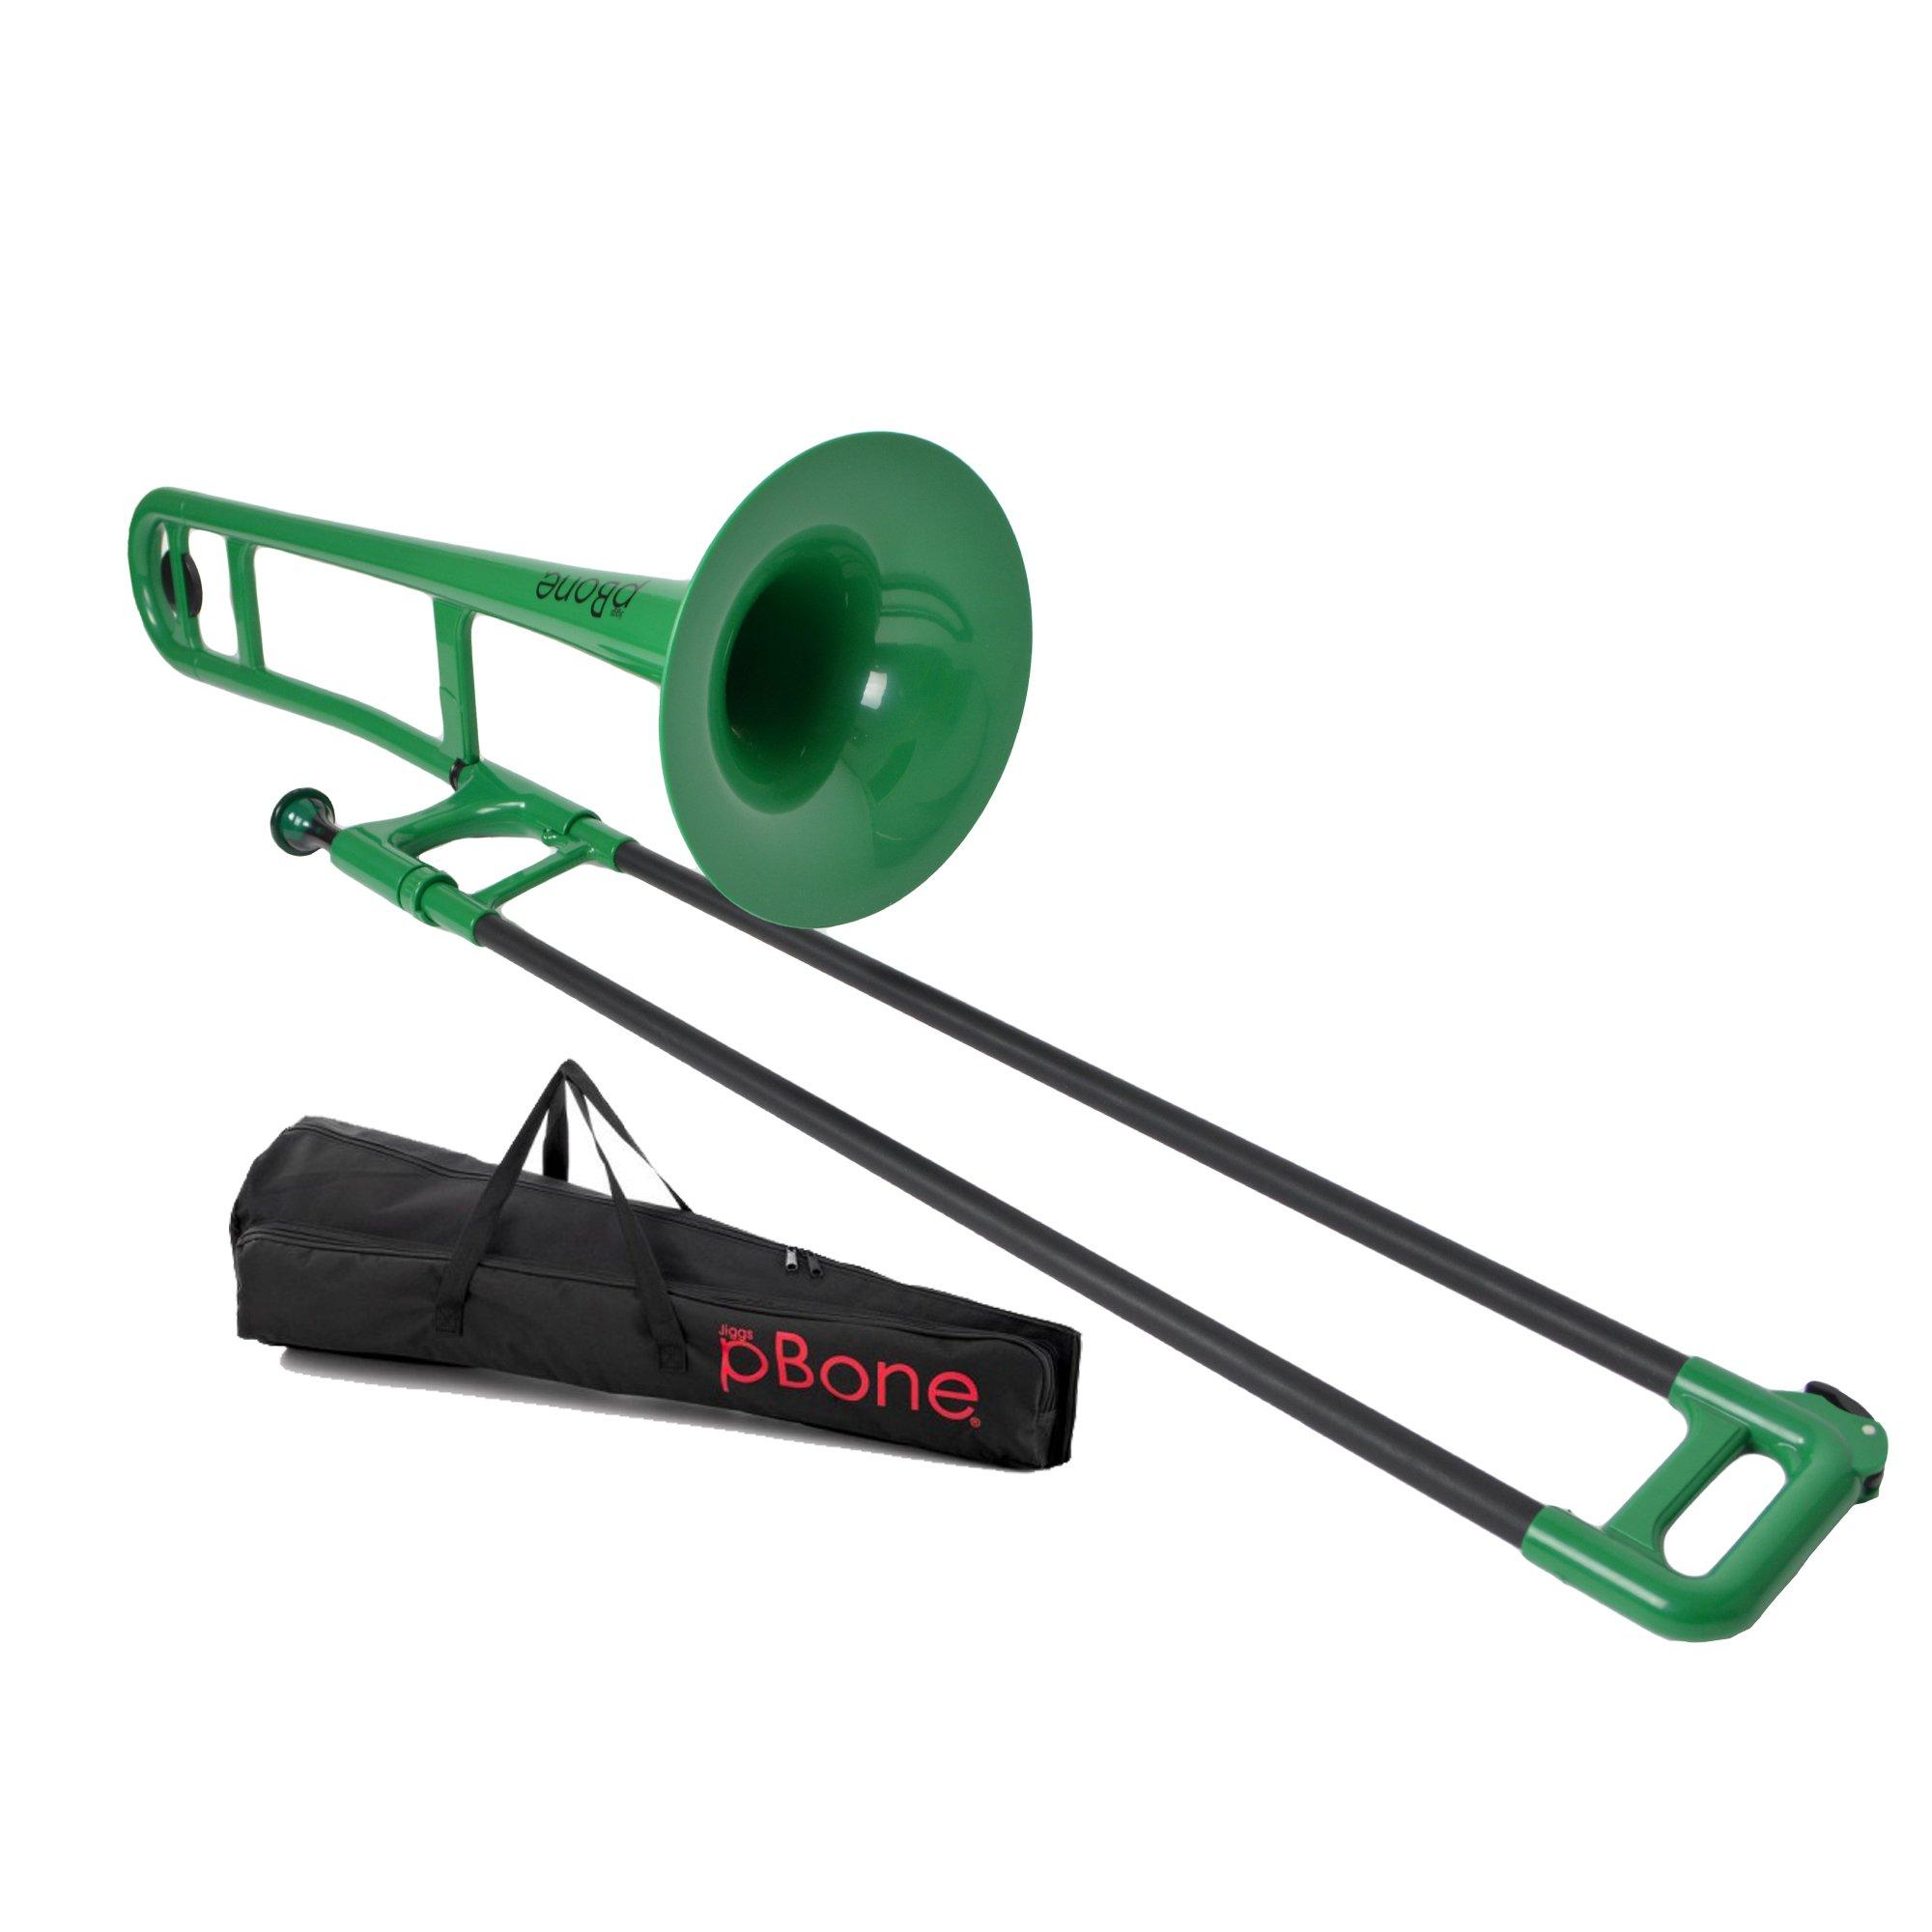 pBone PBONE1G Jiggs Plastic Trombone, Green by pBone